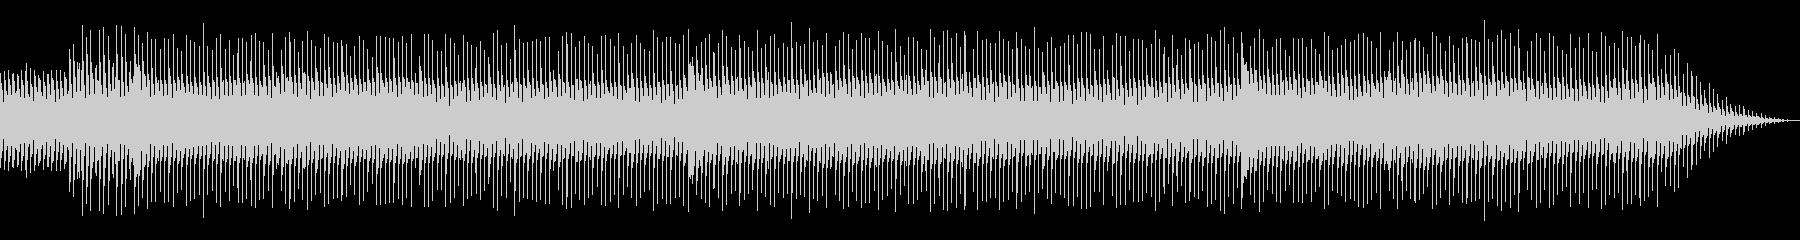 ちょっと切ない爽やか電子音楽_Cメロなしの未再生の波形